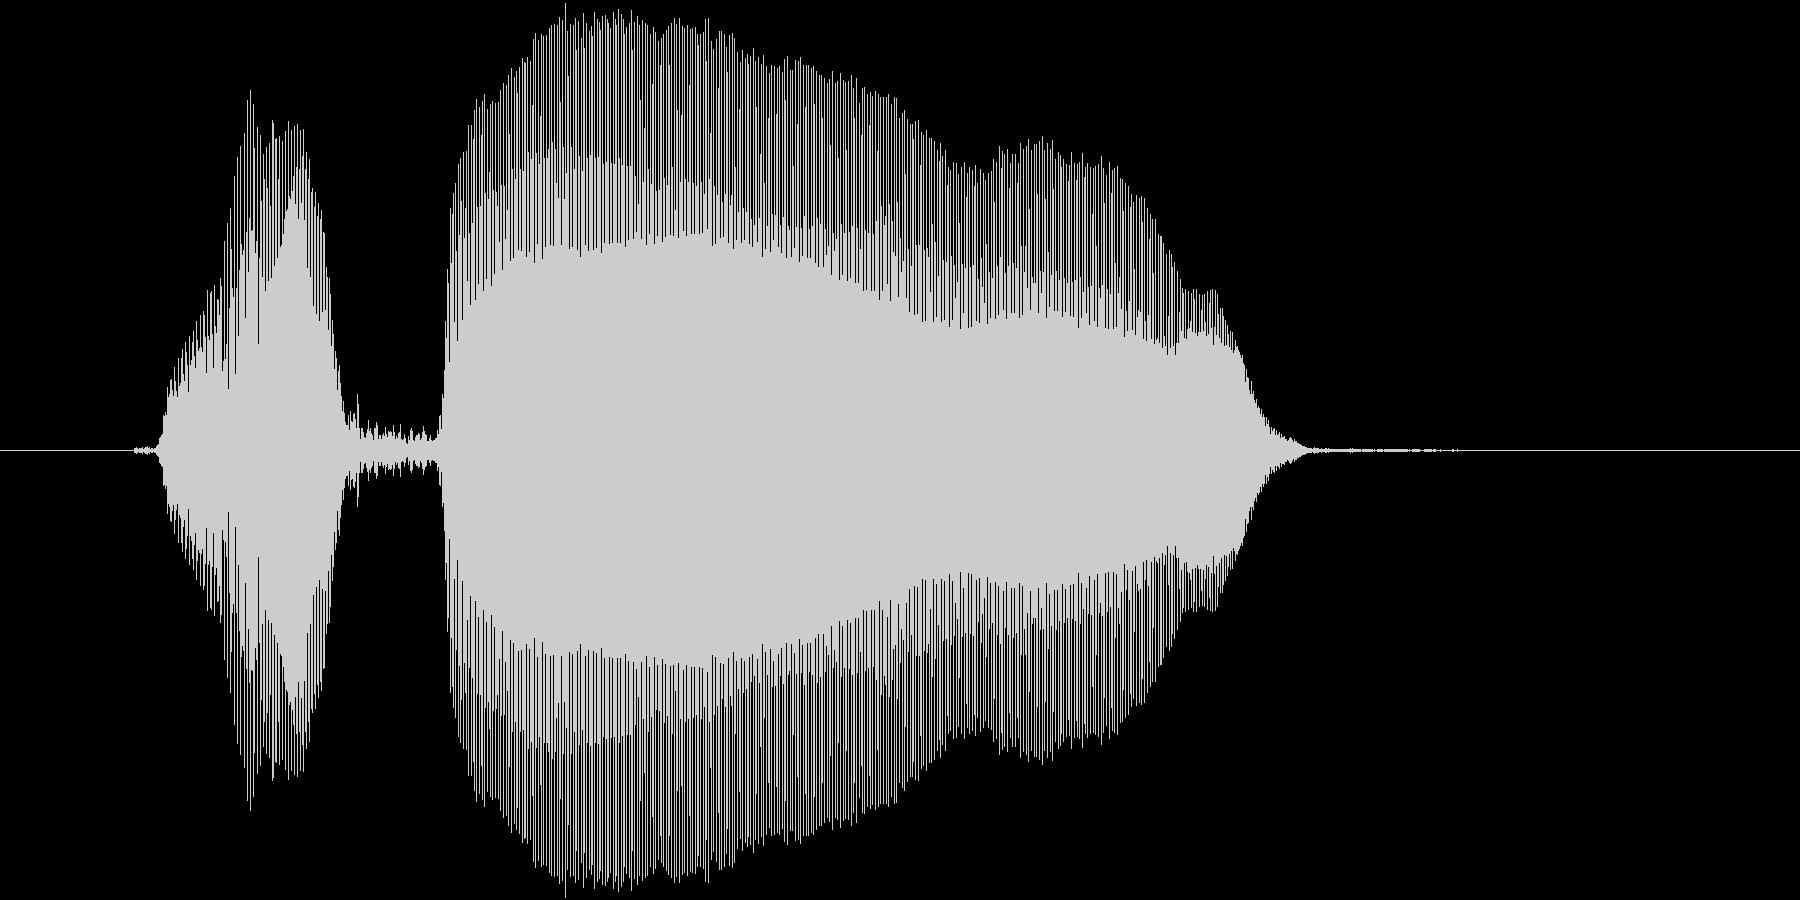 「のほーん」の未再生の波形